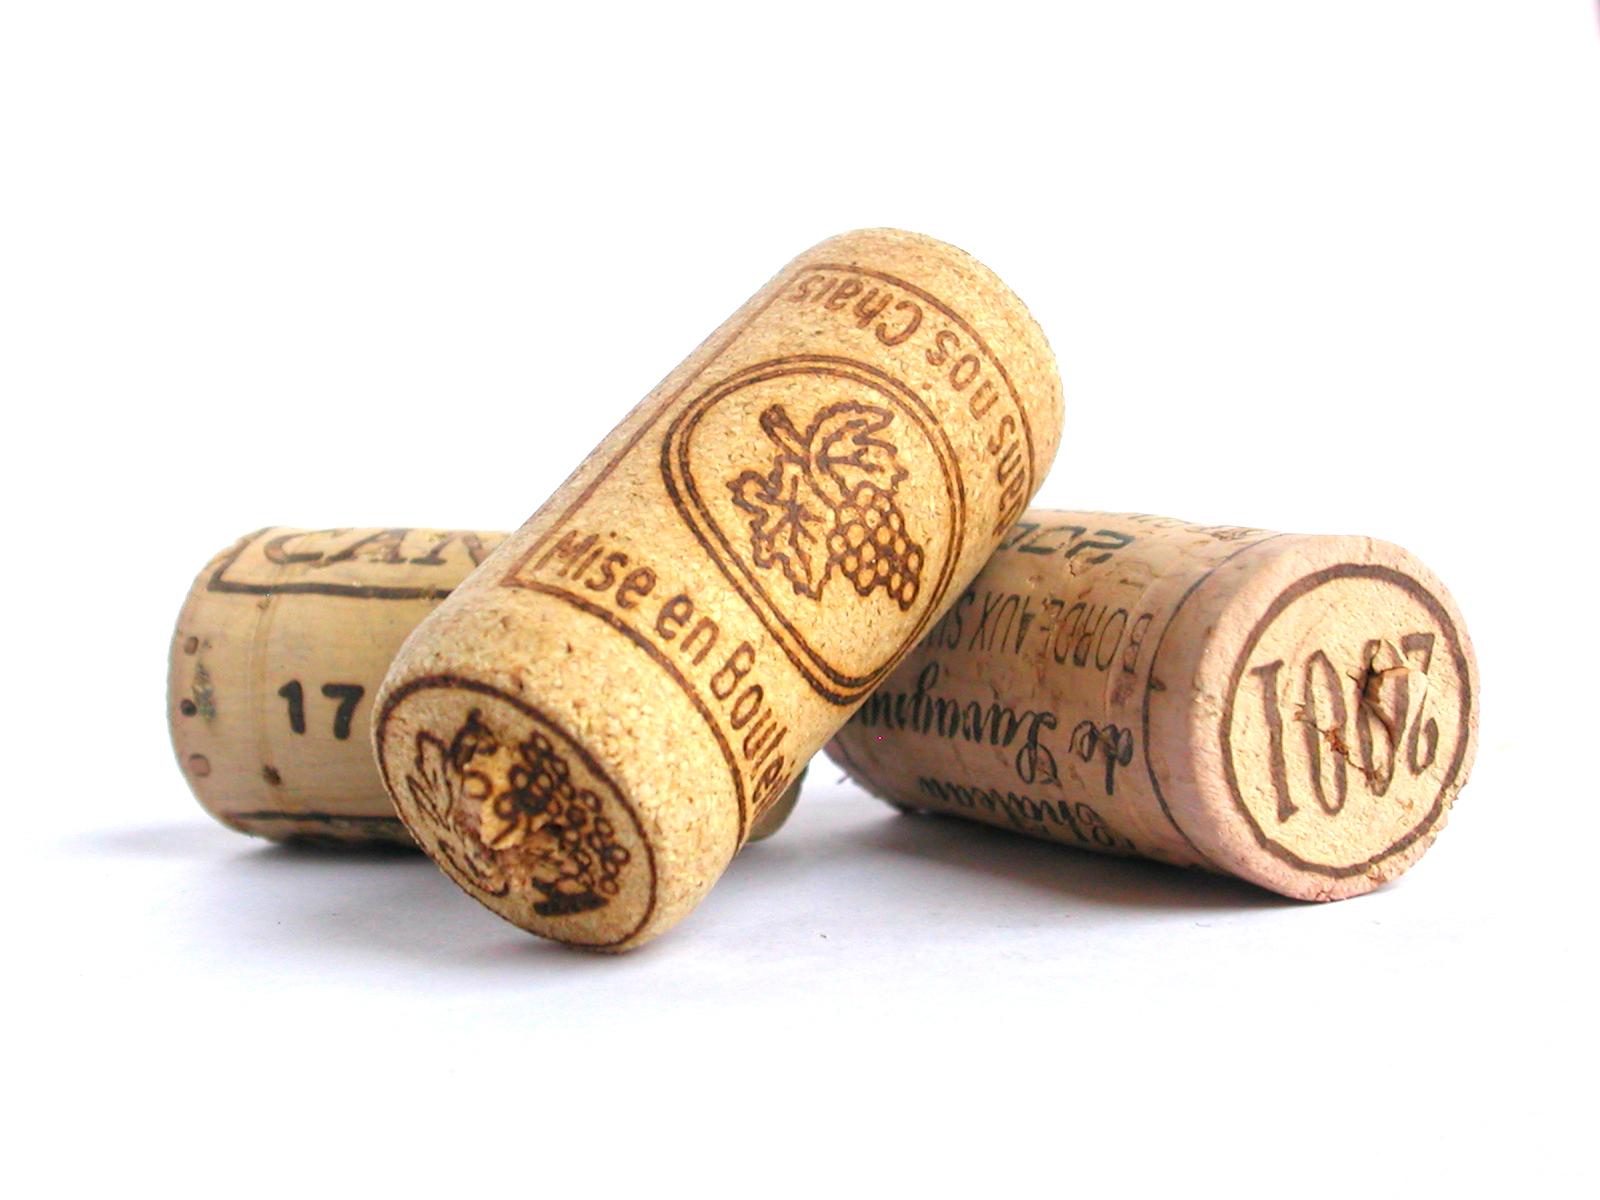 SVBE Wijnprofessionals Wijnkurk